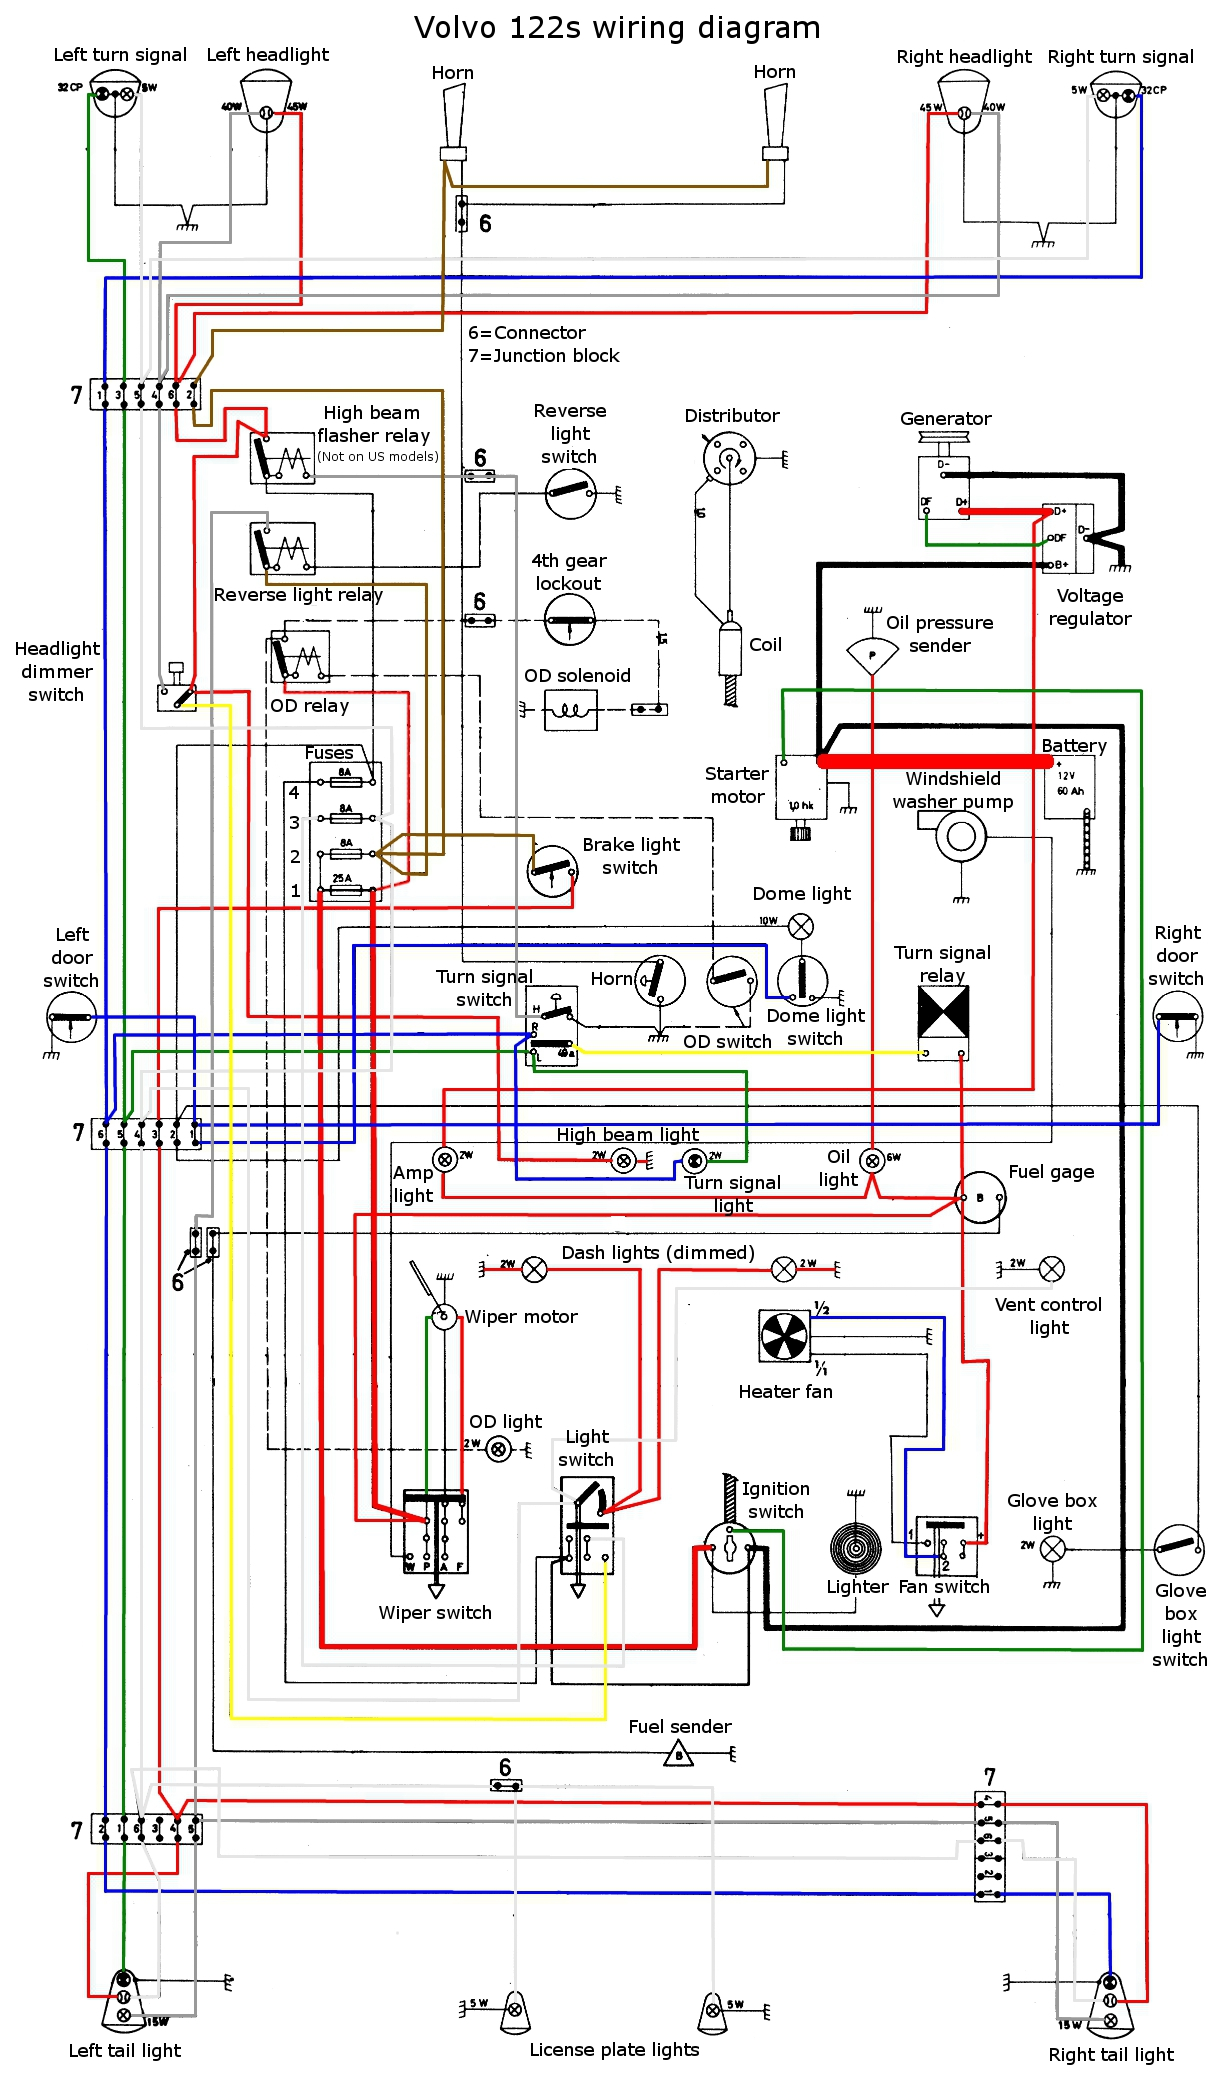 Tremendous Volvo Wiring Diagram S60 Wiring Library Monang Recoveryedb Wiring Schematic Monangrecoveryedborg